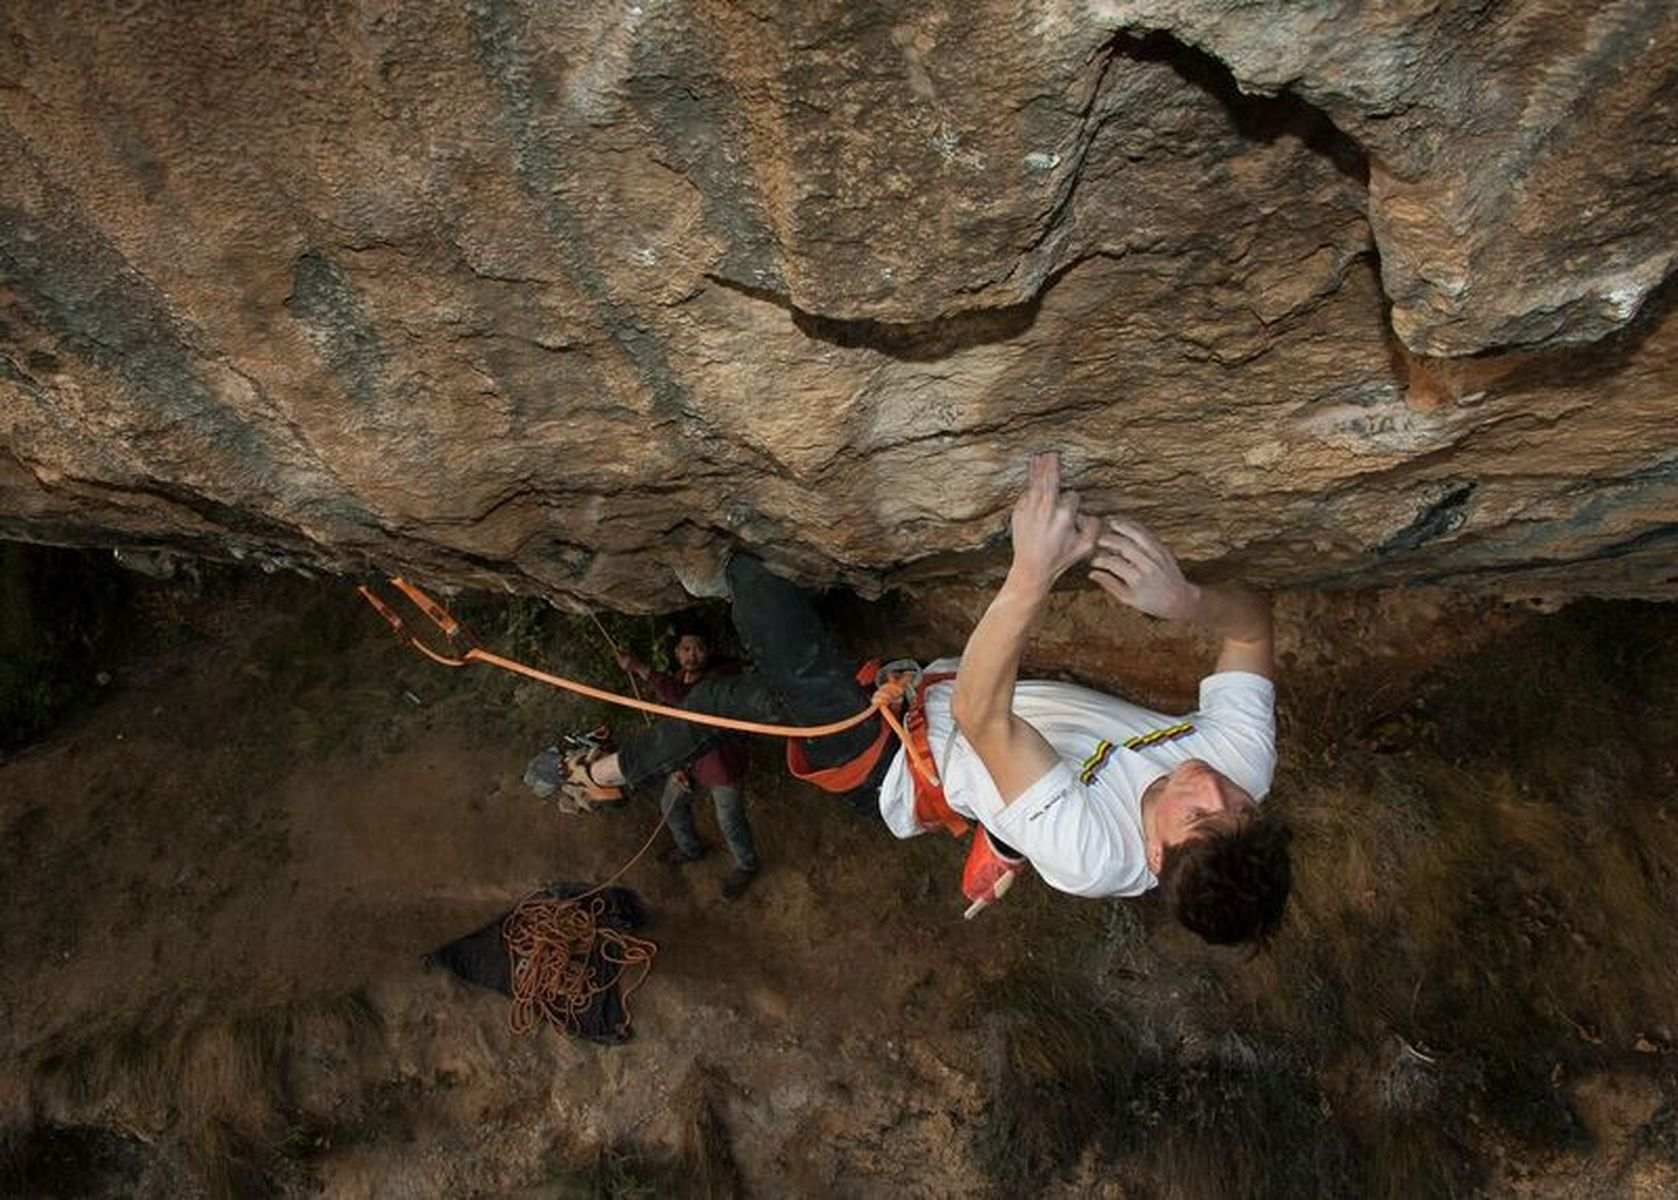 interview philipp gaßner klettern kletterszene